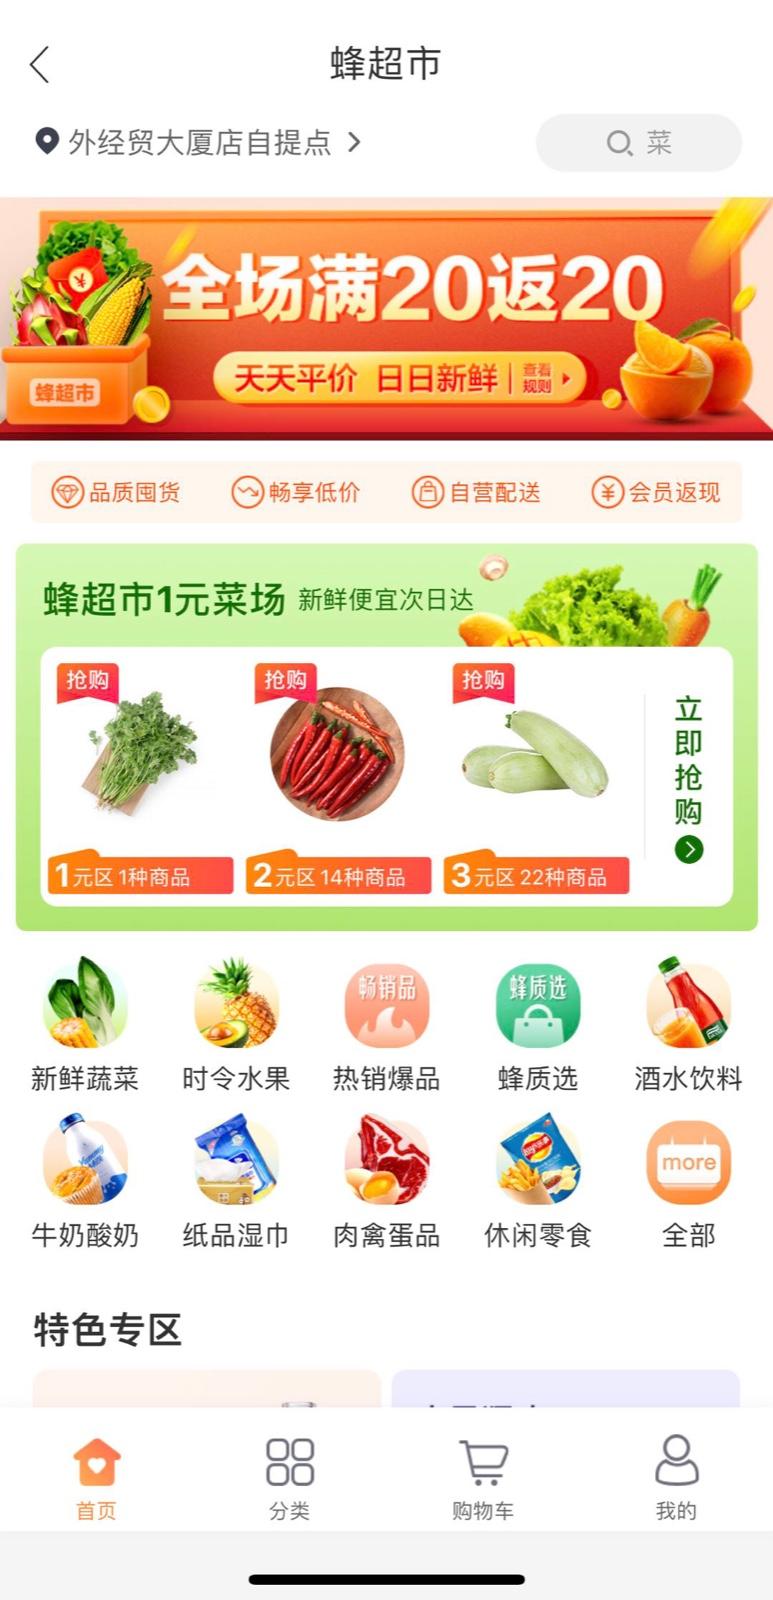 【时代周报】便利蜂上线卖菜业务 便利店们卖菜的难言